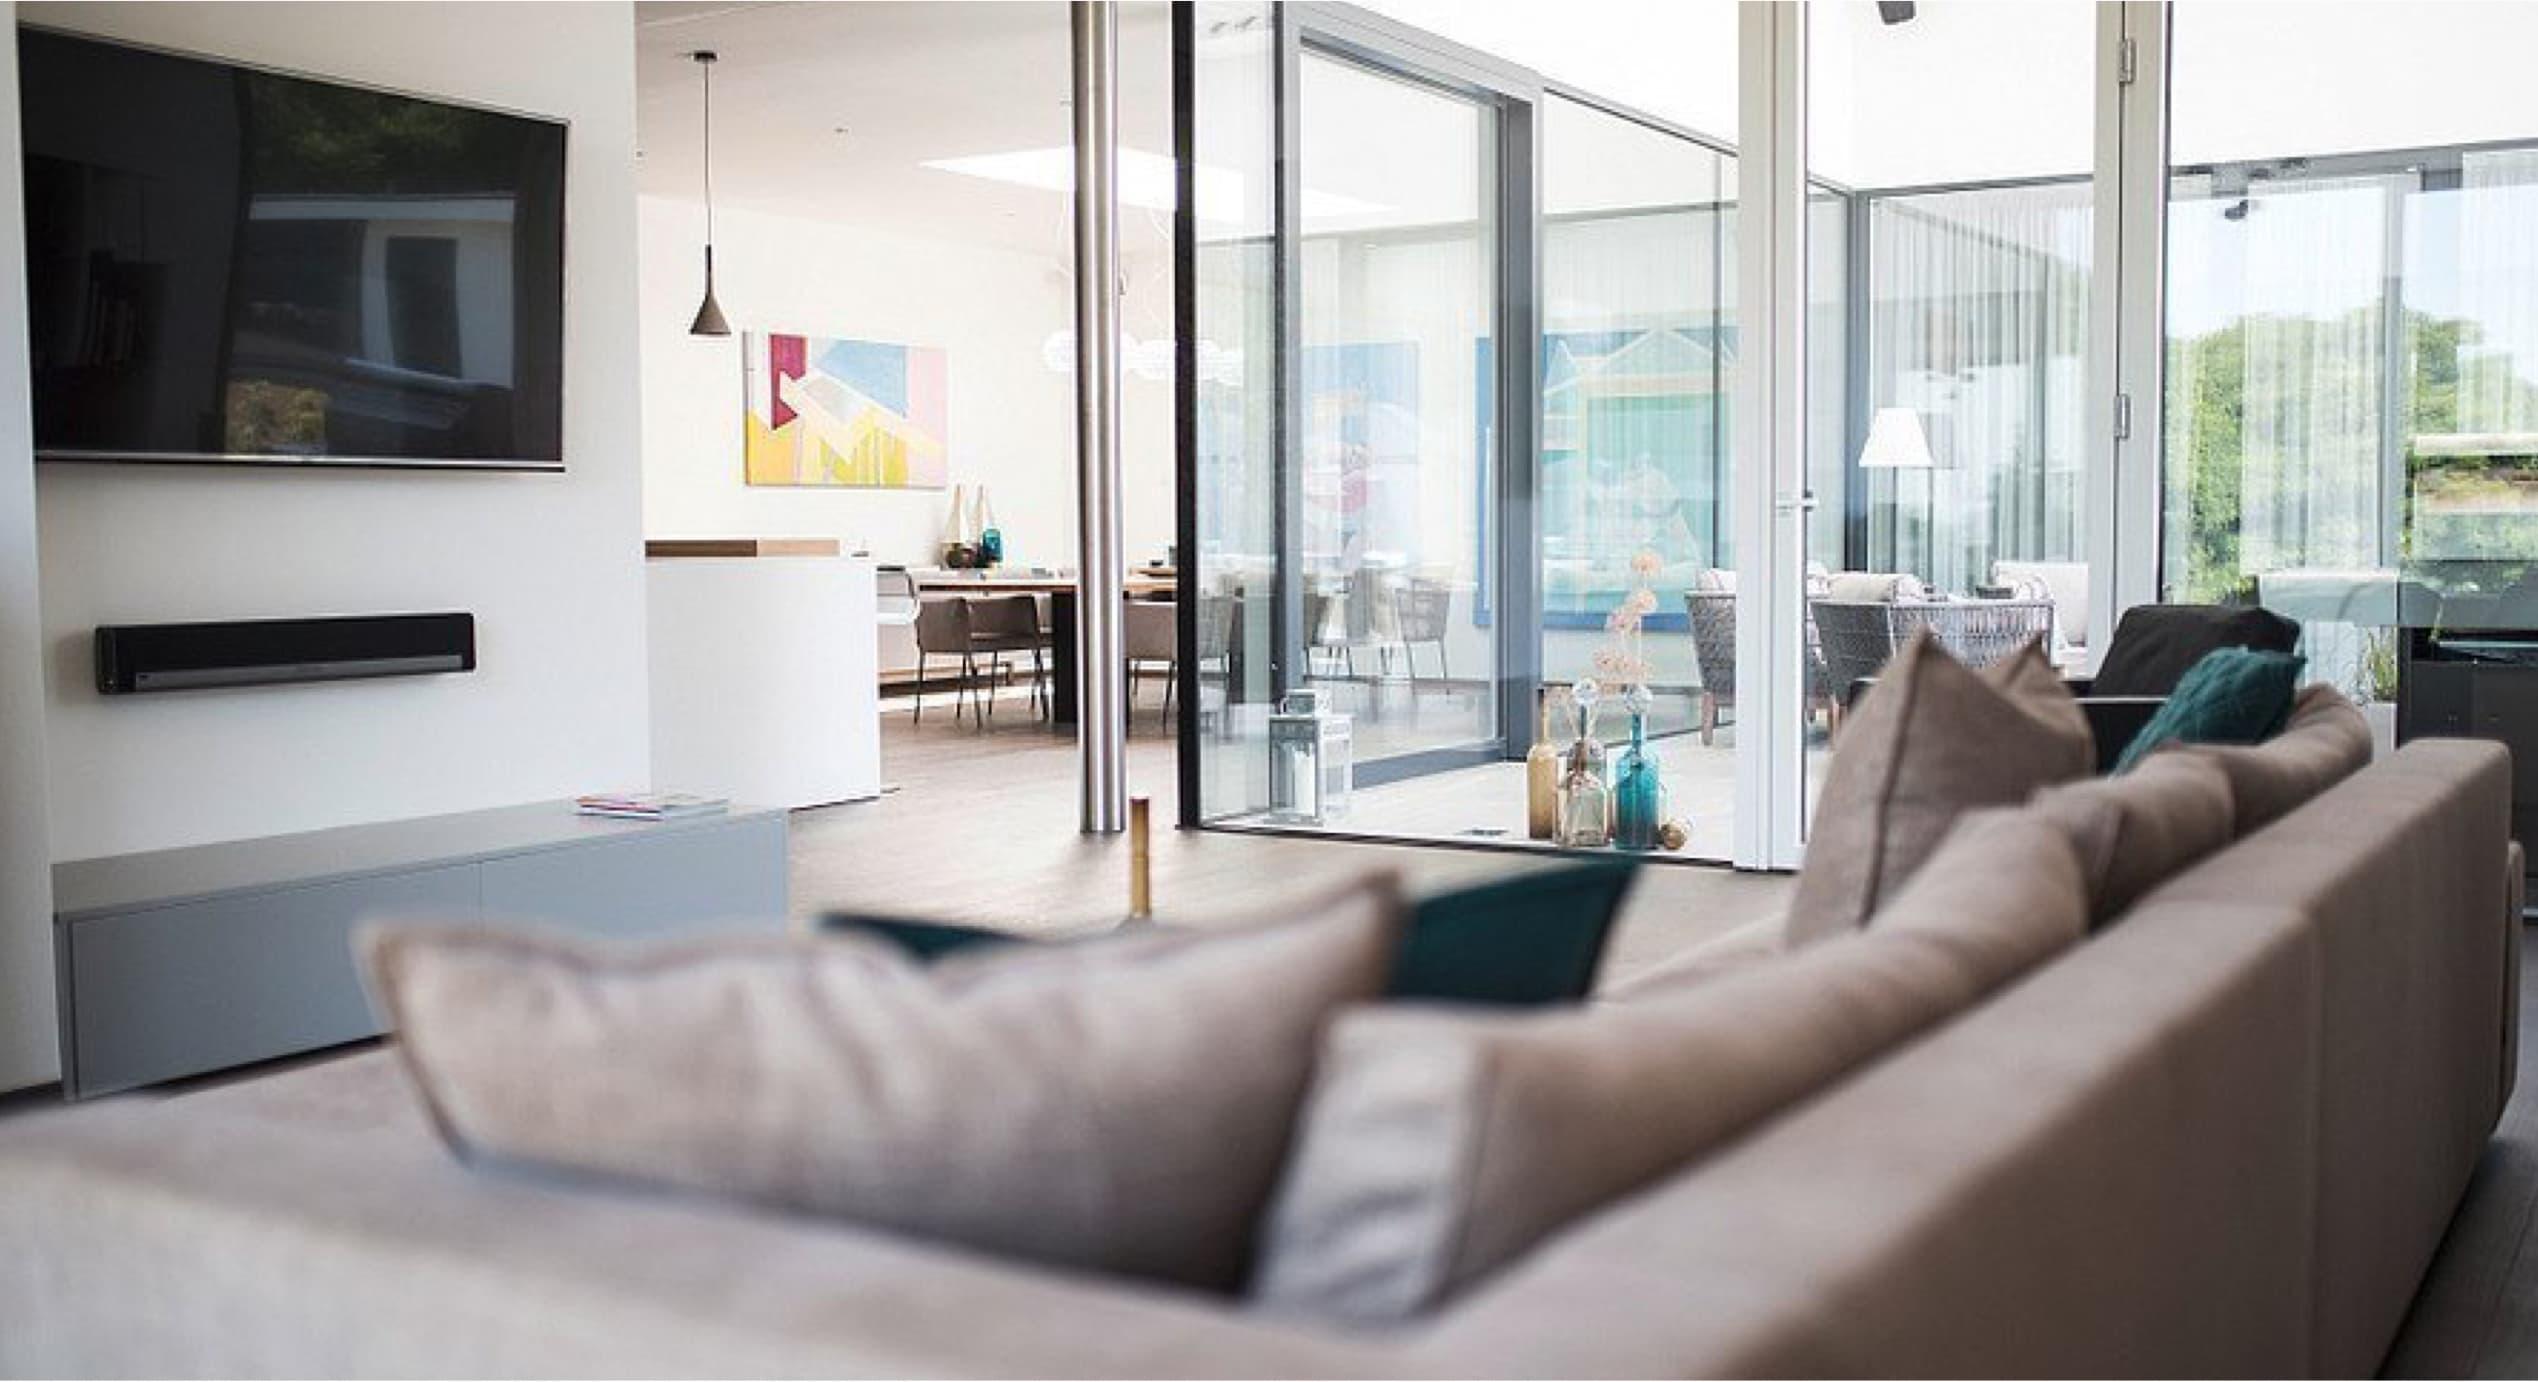 Fenster kaufen - Eilmannsberger Rohrbach